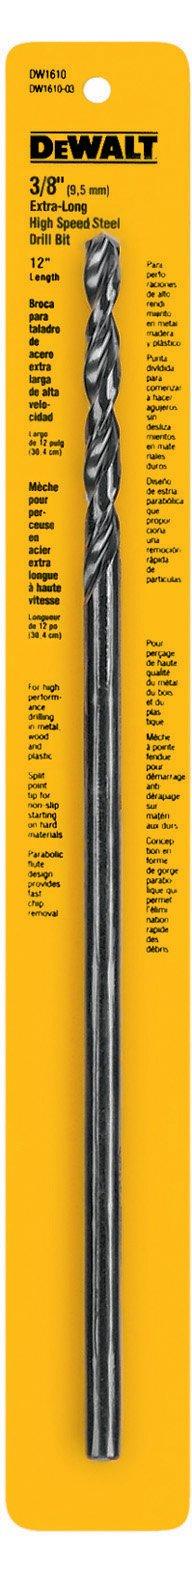 DEWALT DW1610 3/8-Inch by 12-Inch Extra Long Black Oxide Drill Bit